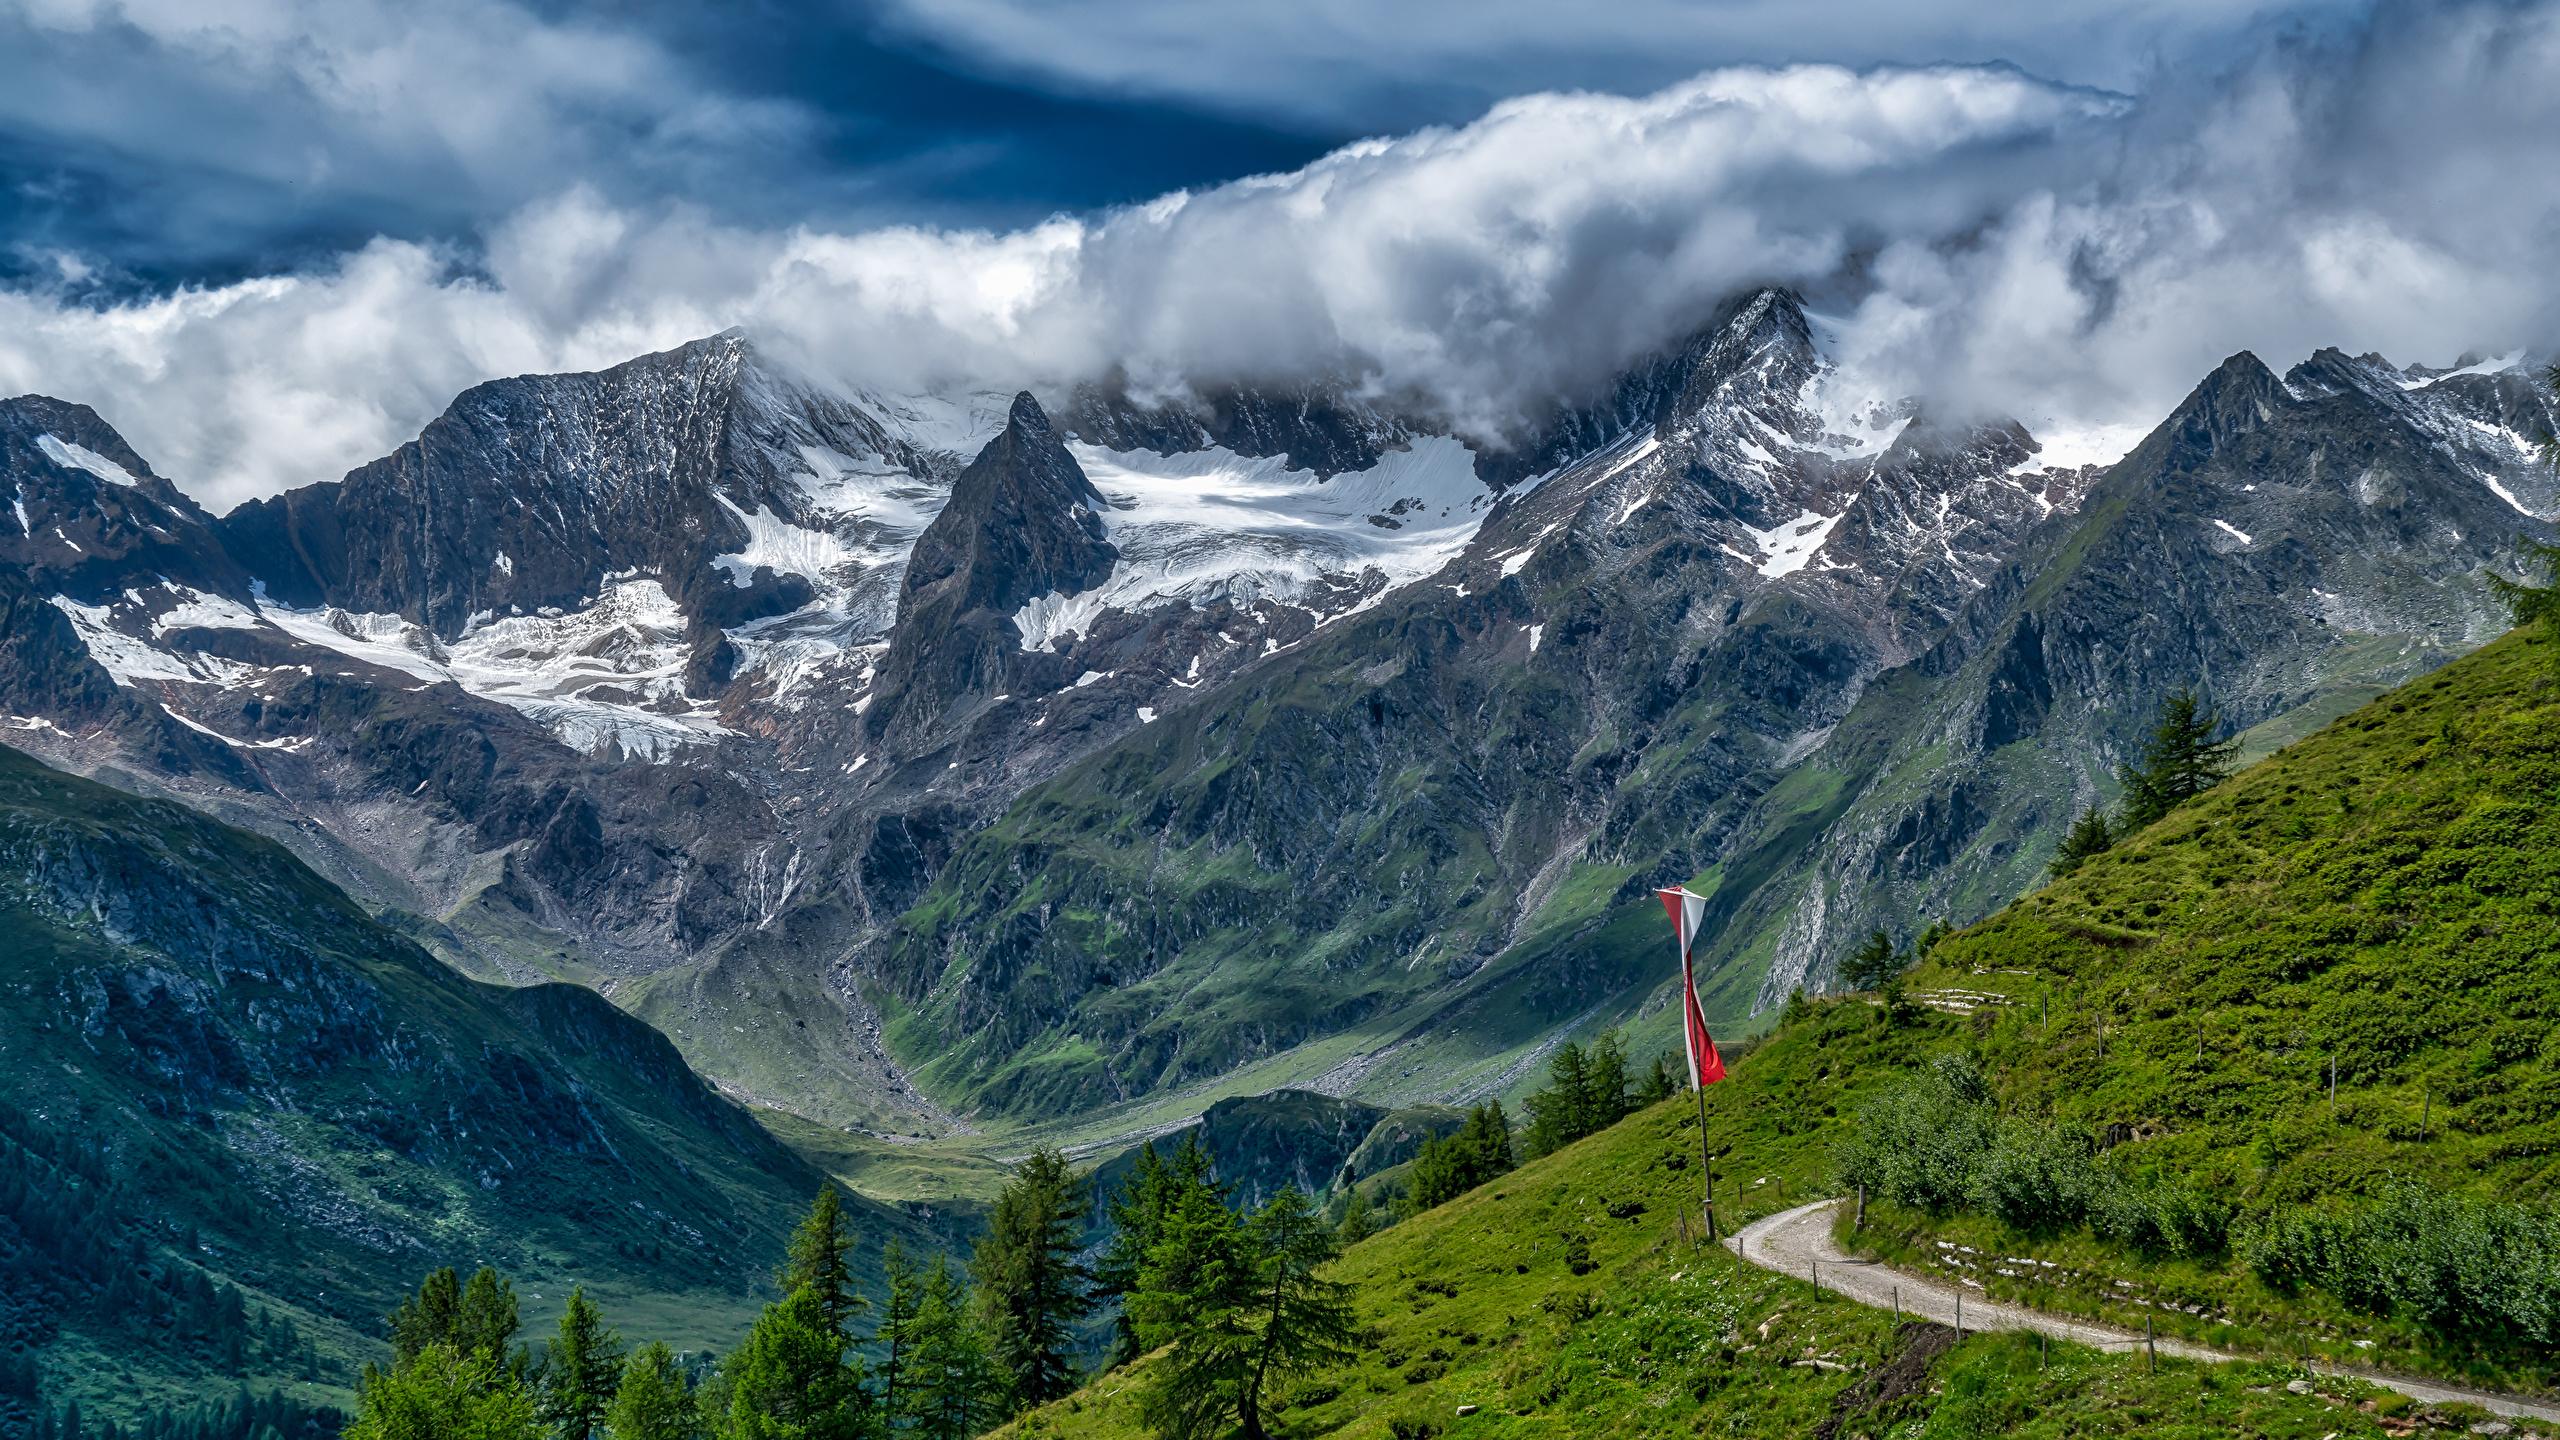 Обои швейцария, гора Нидерхорн, Mount Niederhorn, alps, Switzerland, альпы. Природа foto 10